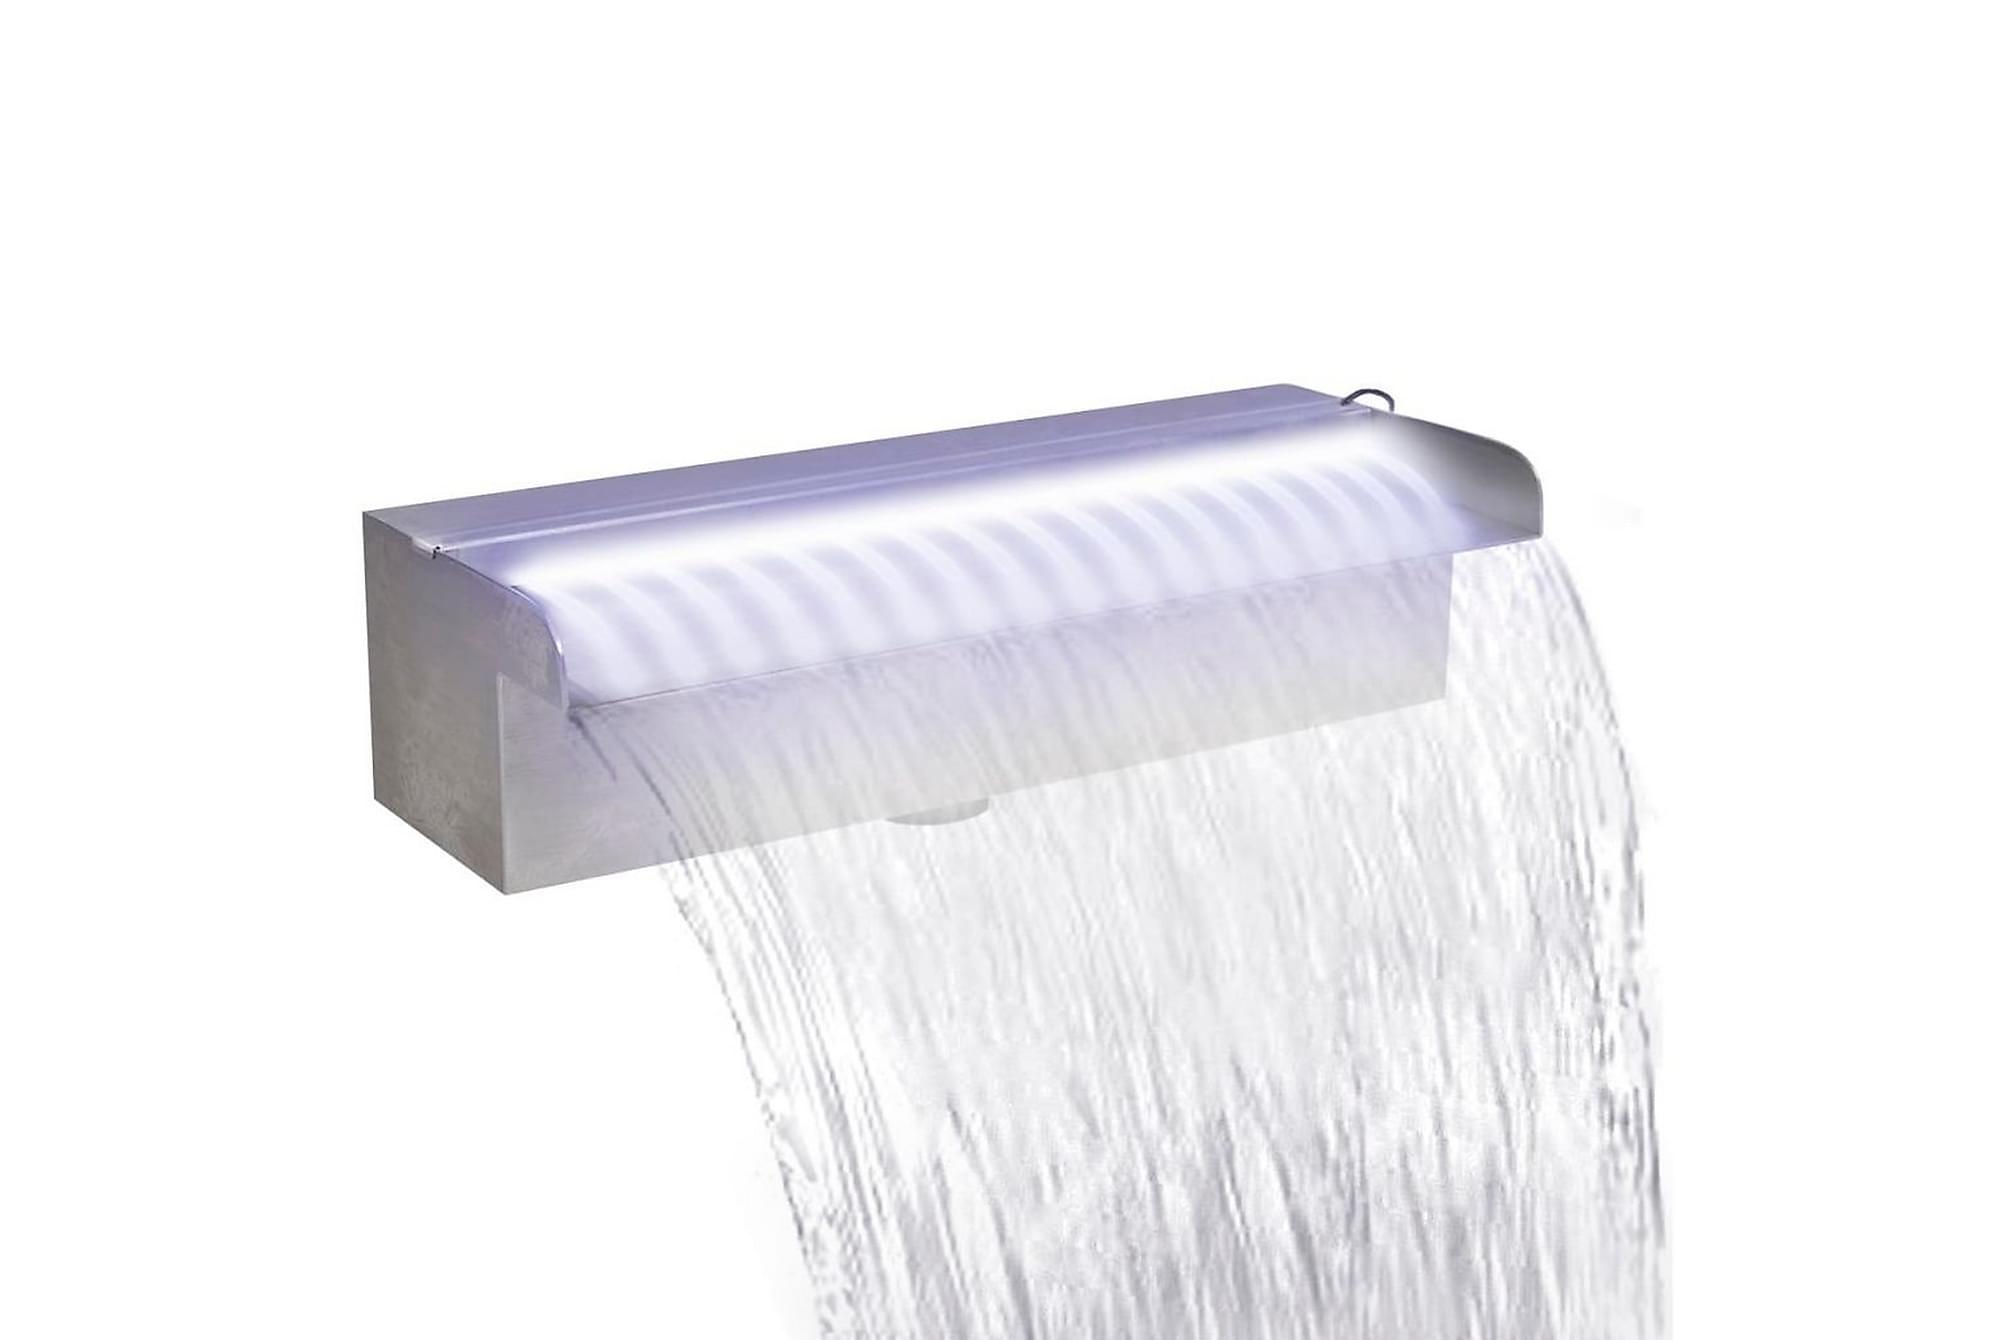 Rektangulärt Vattenfall Poolfontän m. LEDs i rostfritt stål